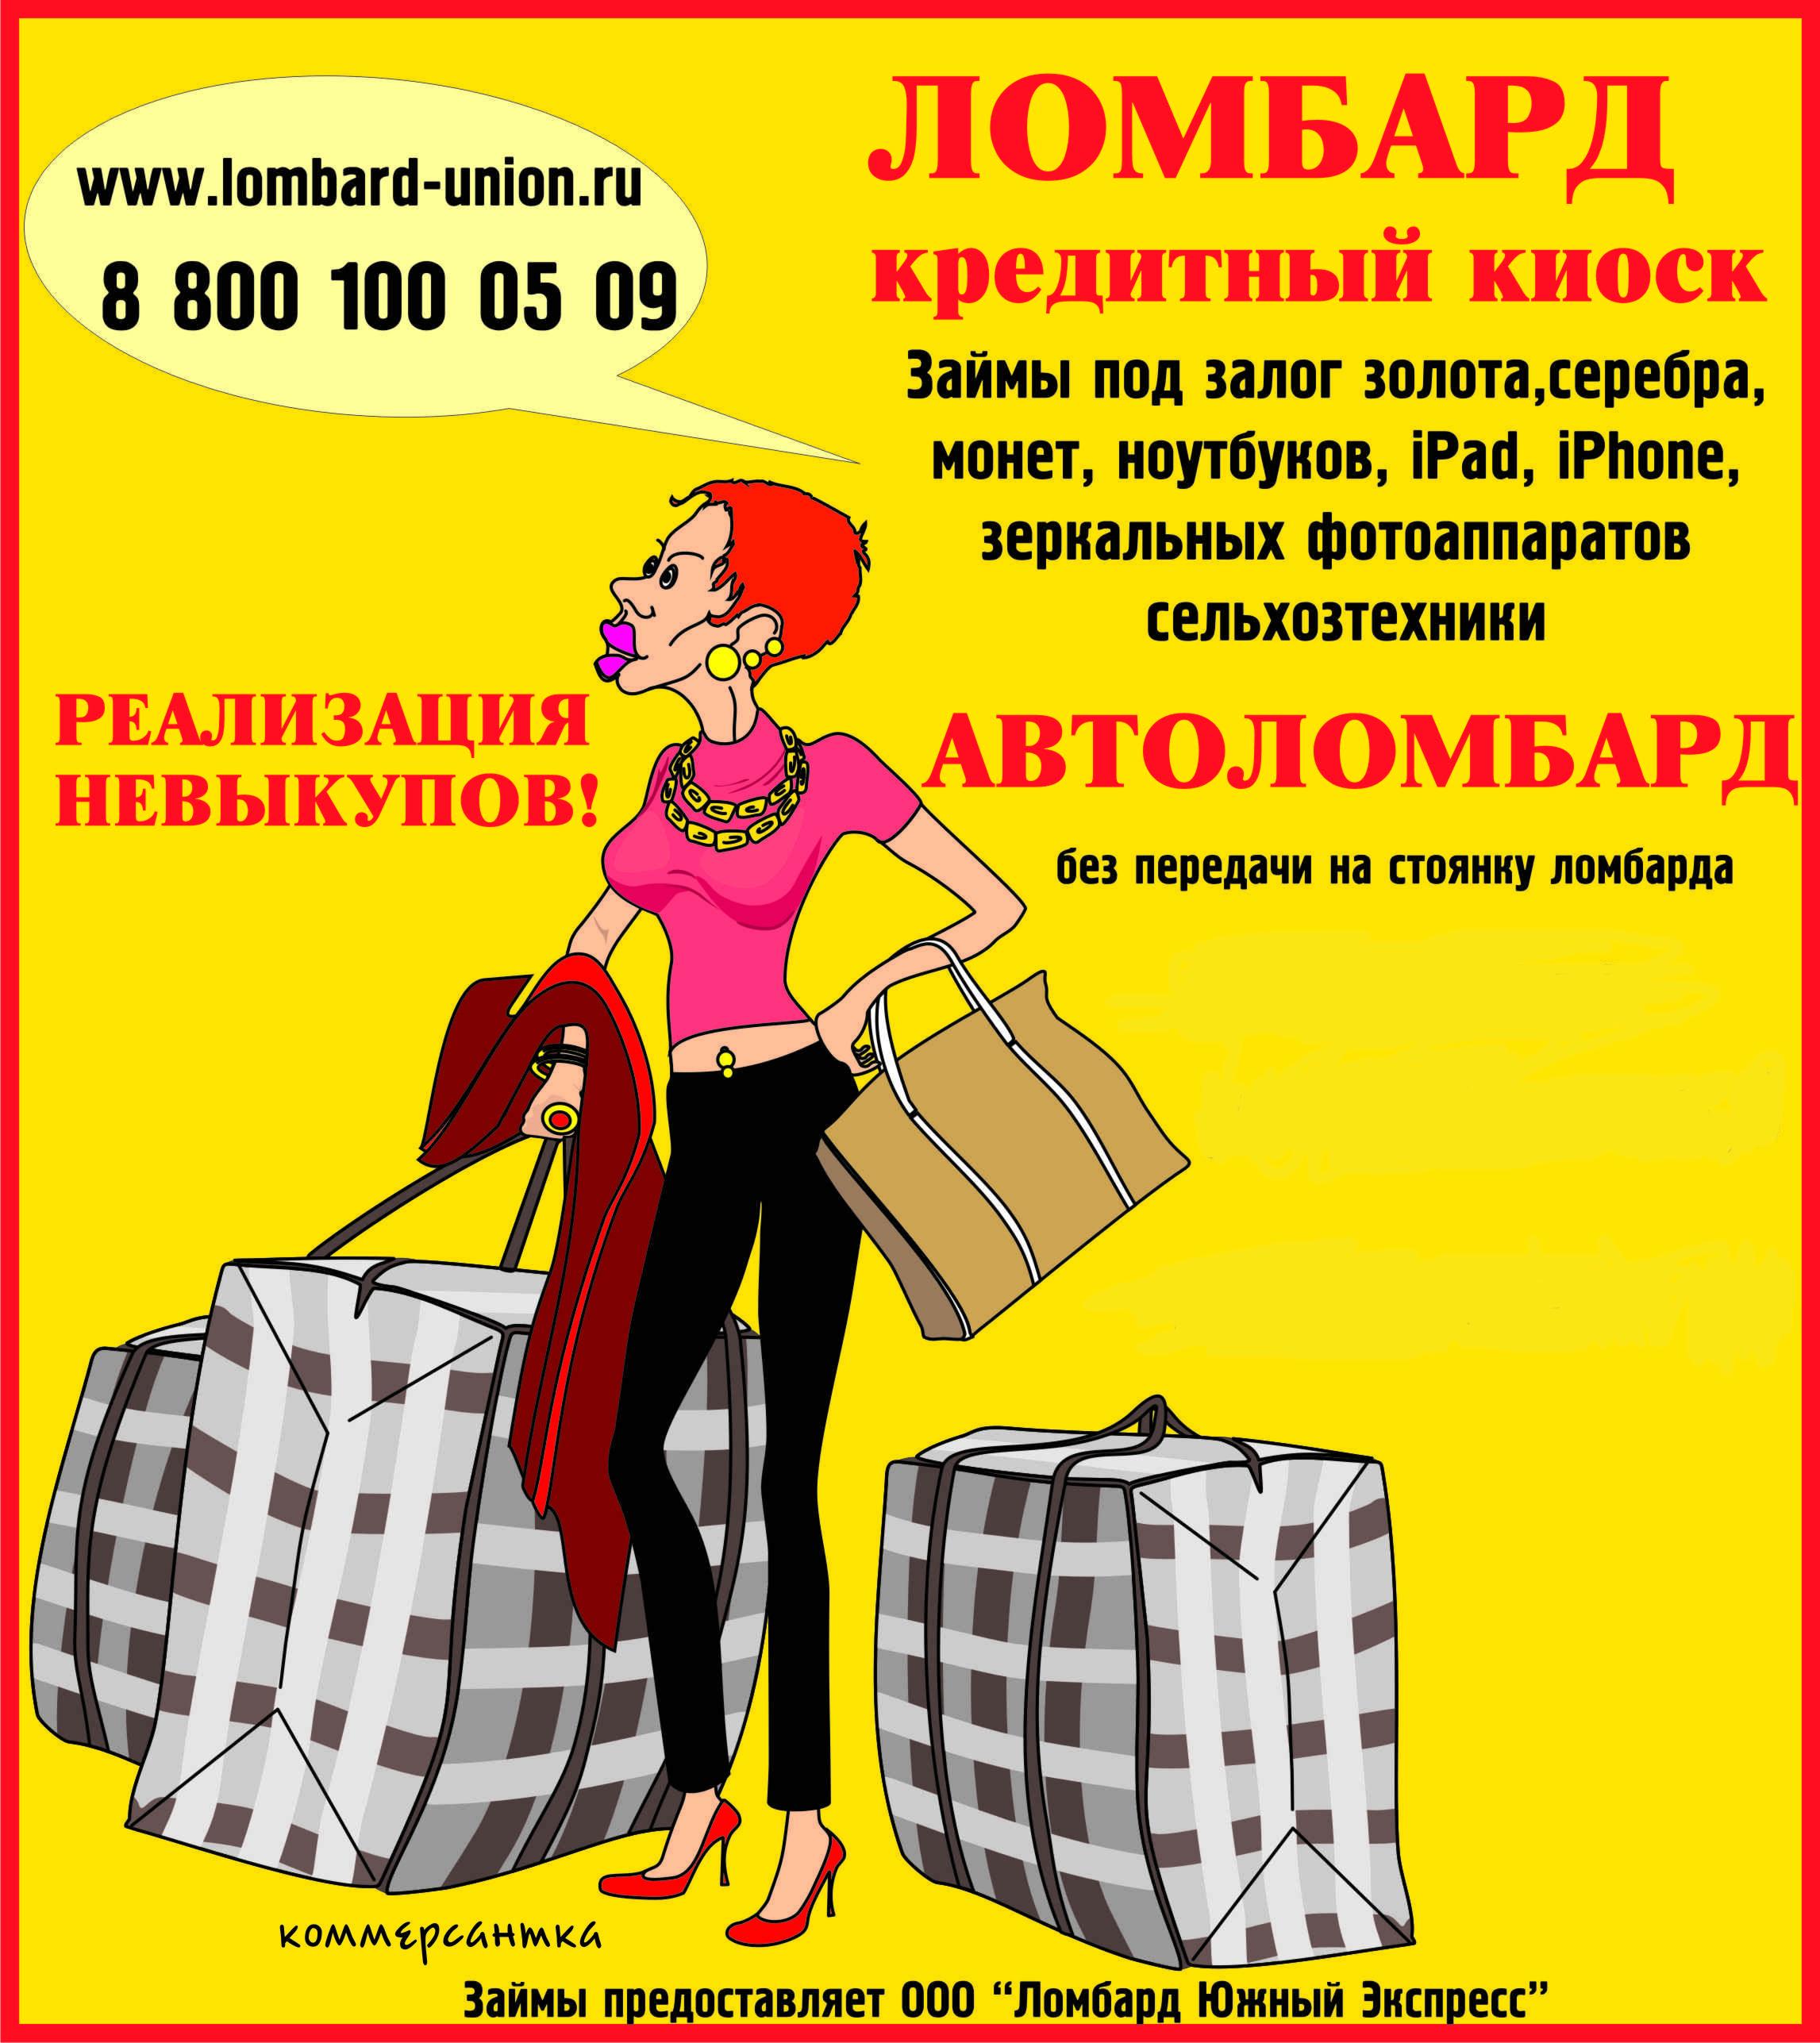 Автоломбарды в славянске на кубани